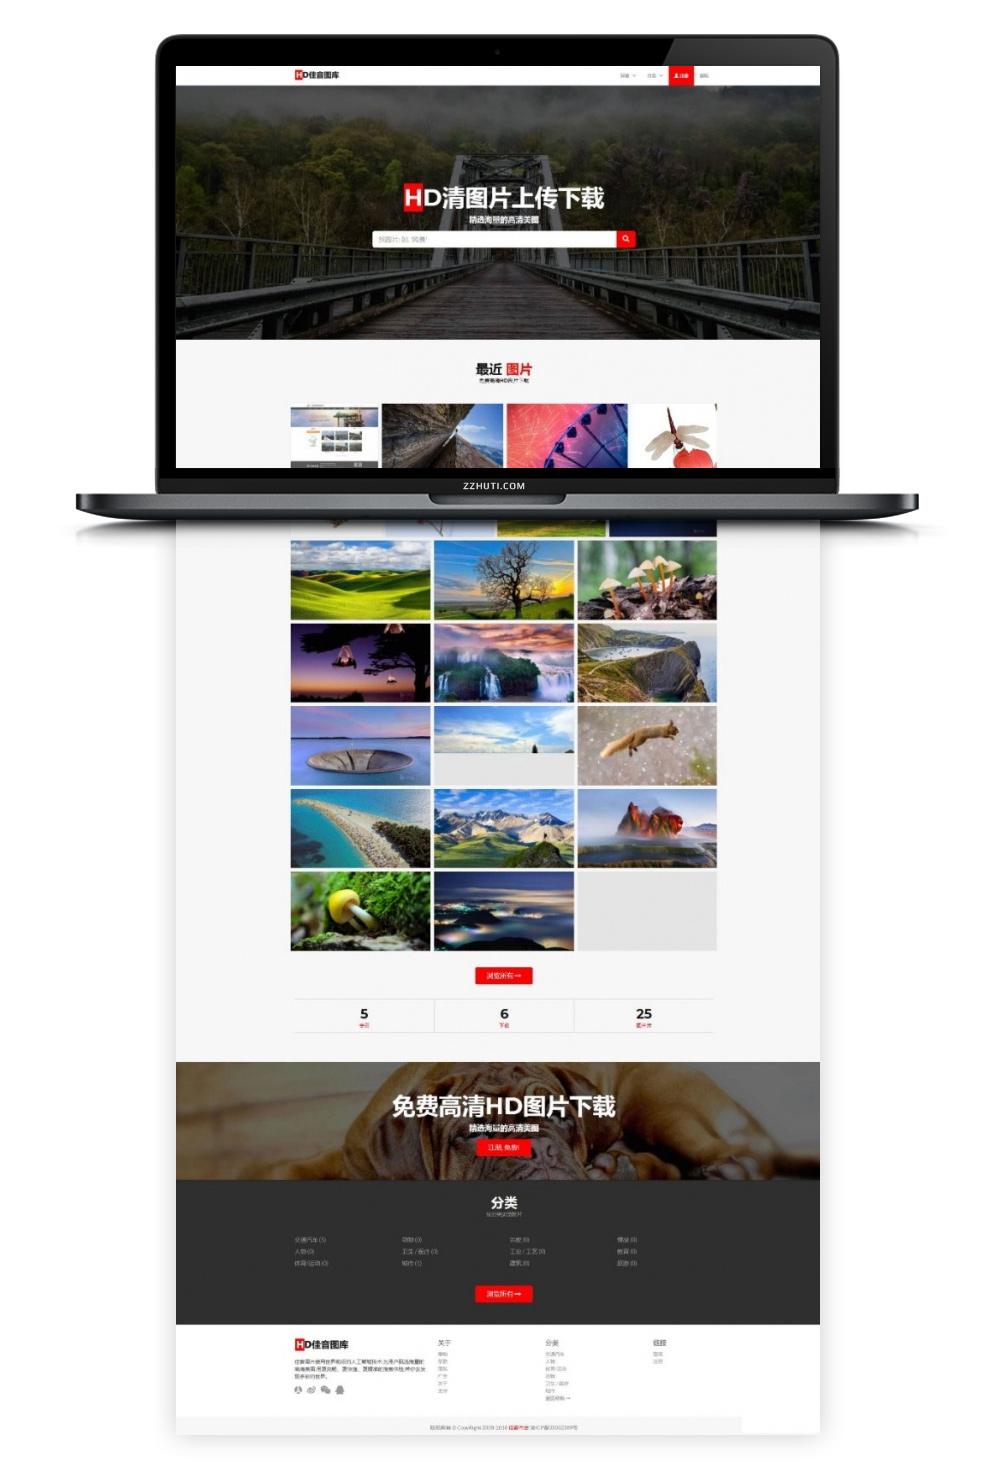 新版美图壁纸图库美图吧图片上传下载分享网站系统源码 带会员系统-爱资源分享